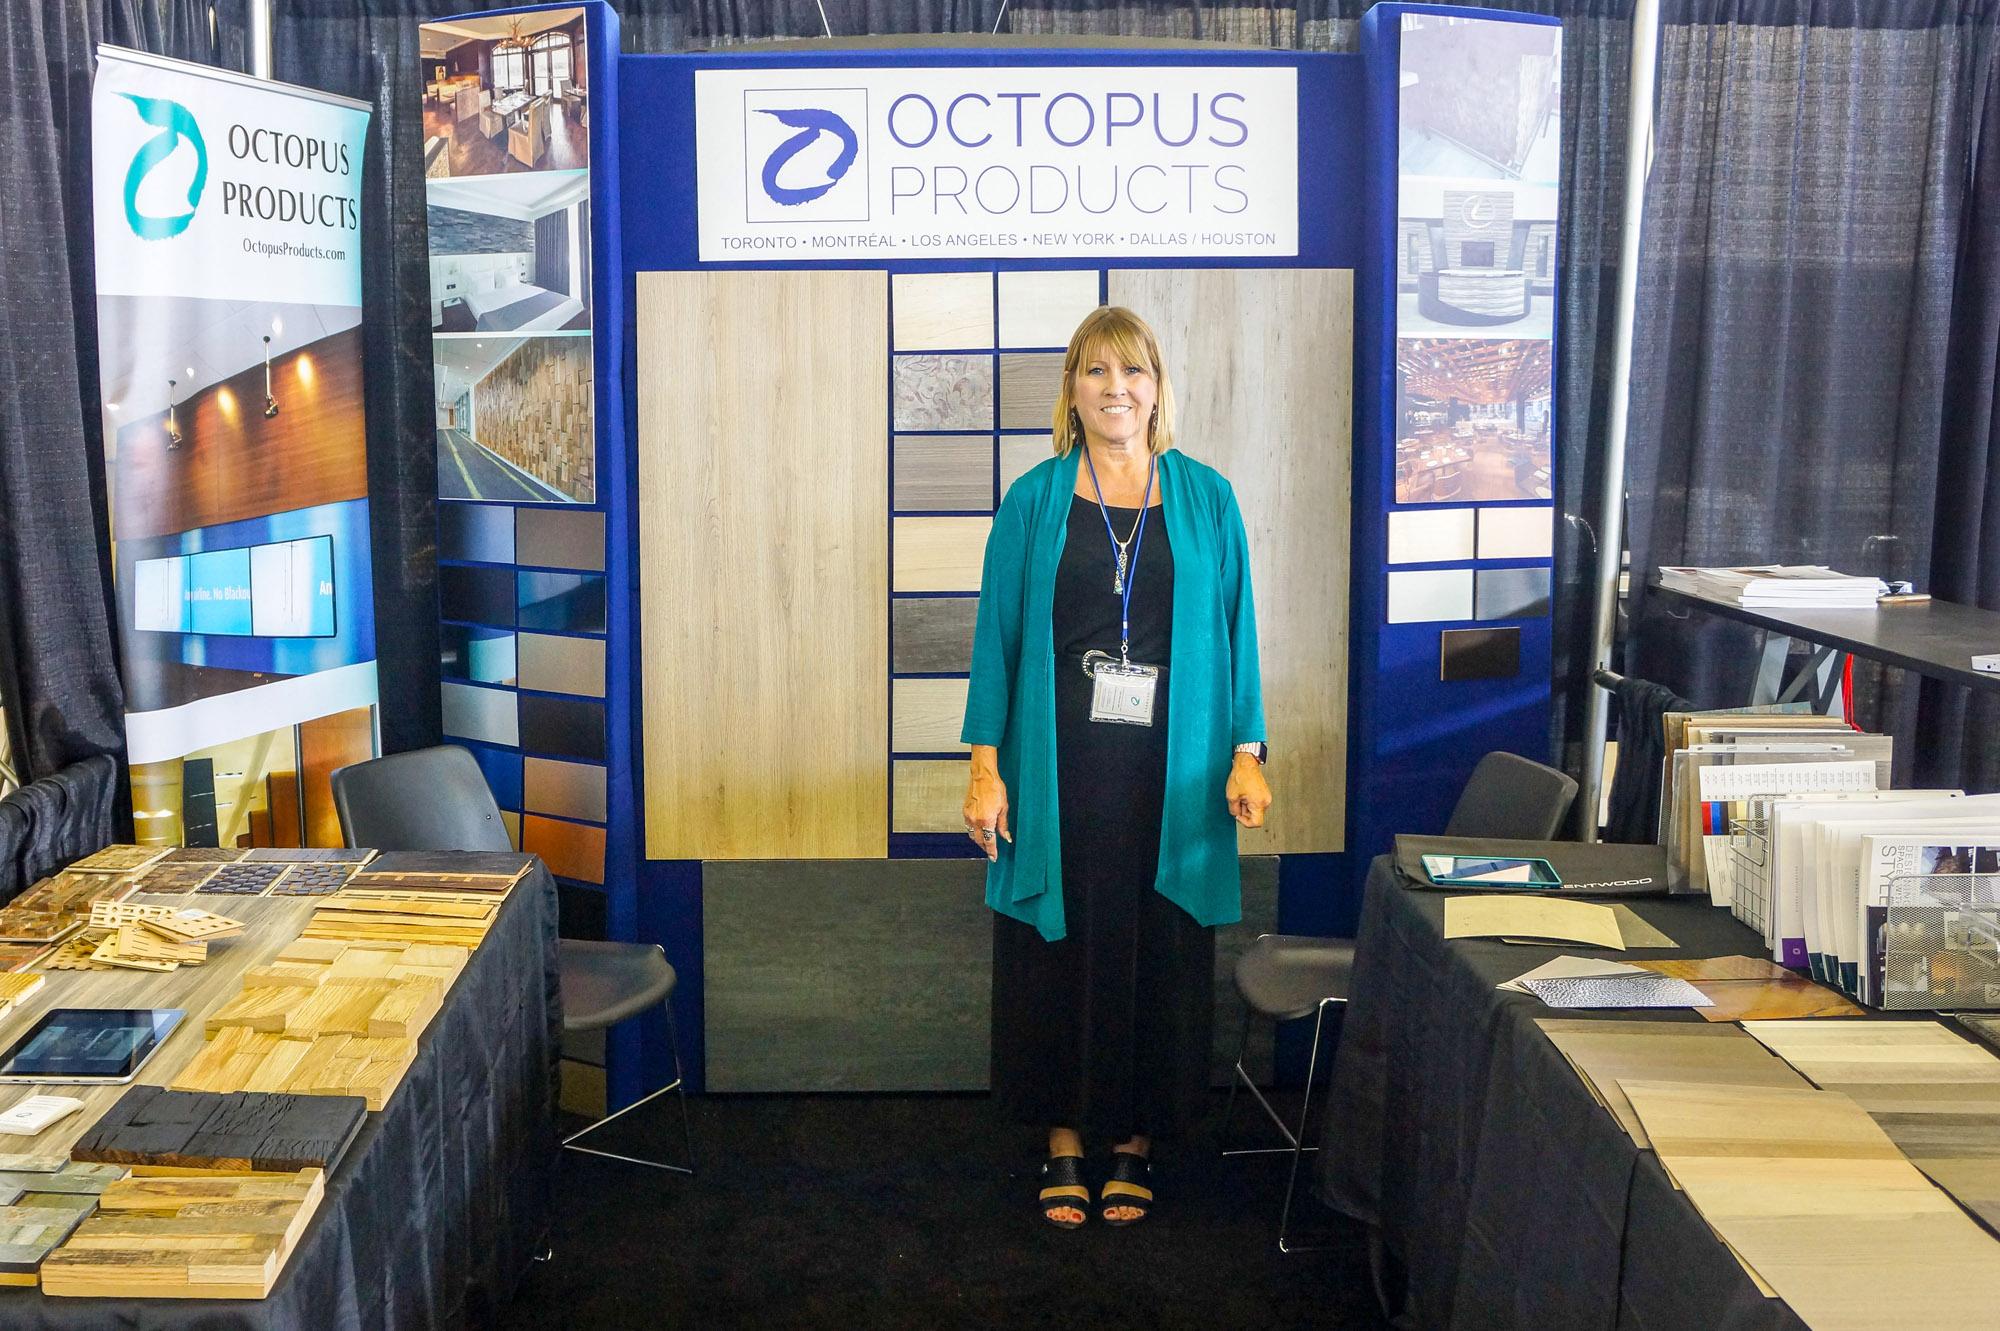 booths-Octopus-DSC06395.jpg